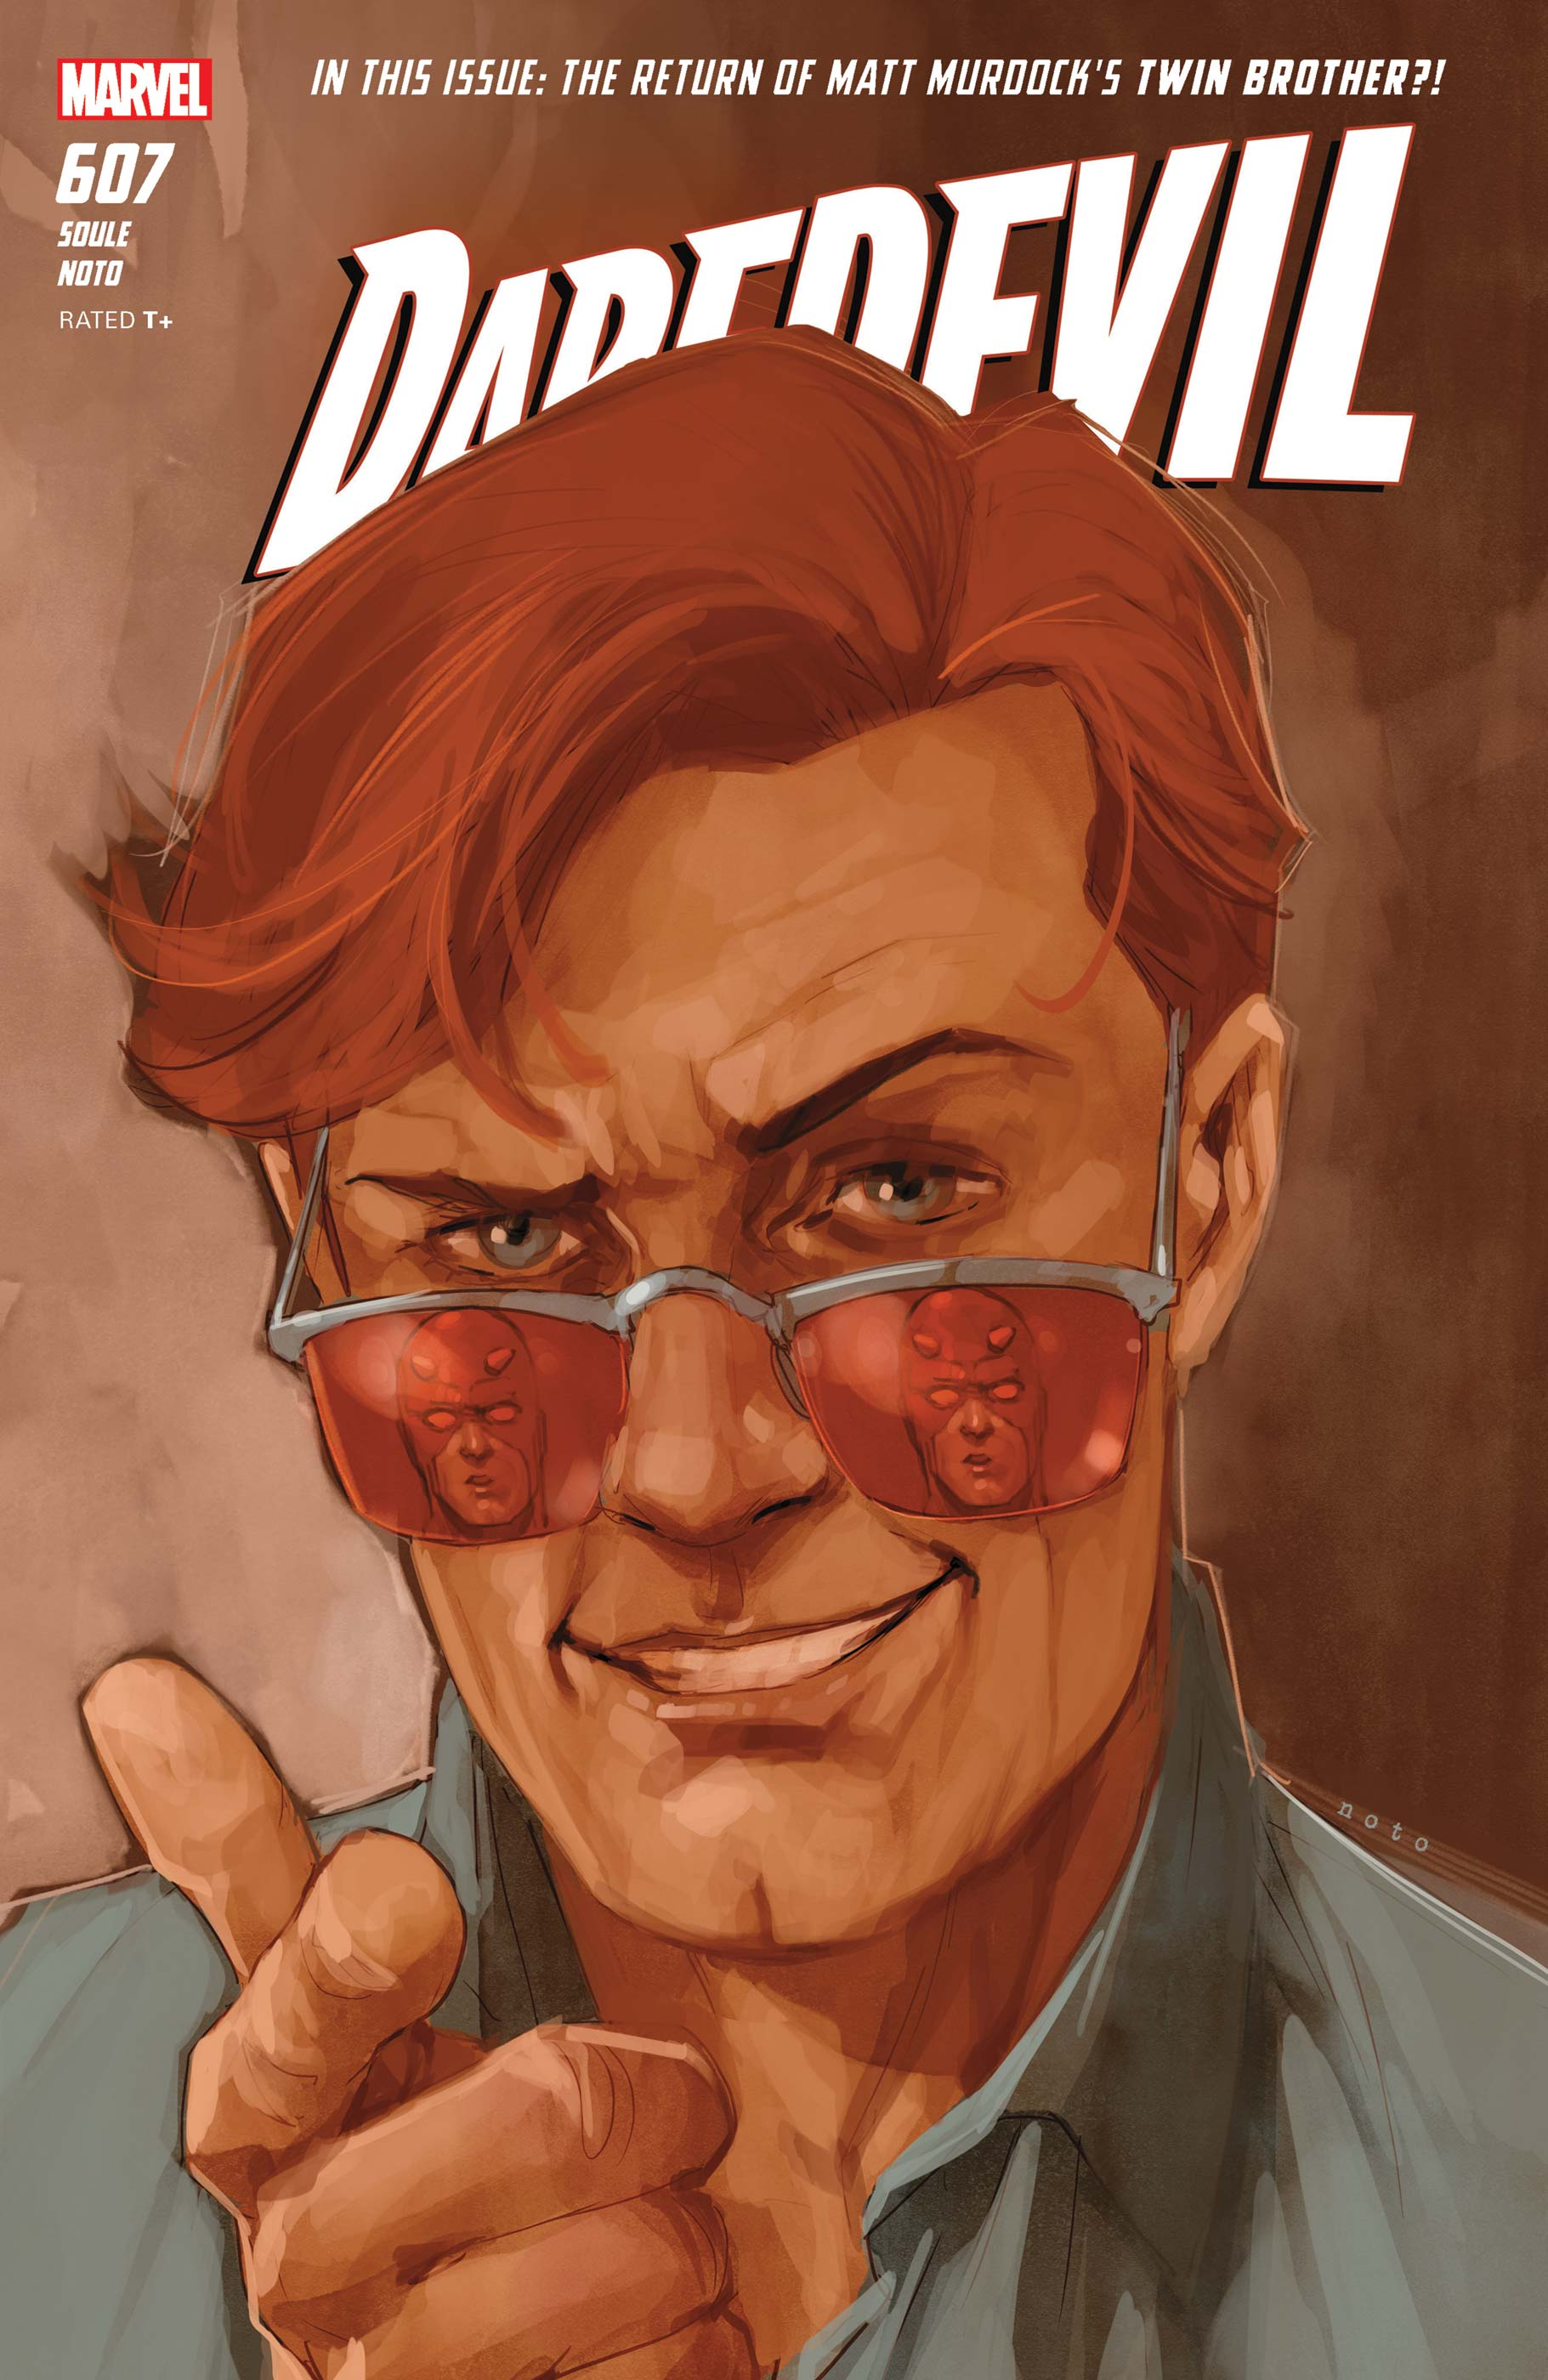 Daredevil (2015) #607